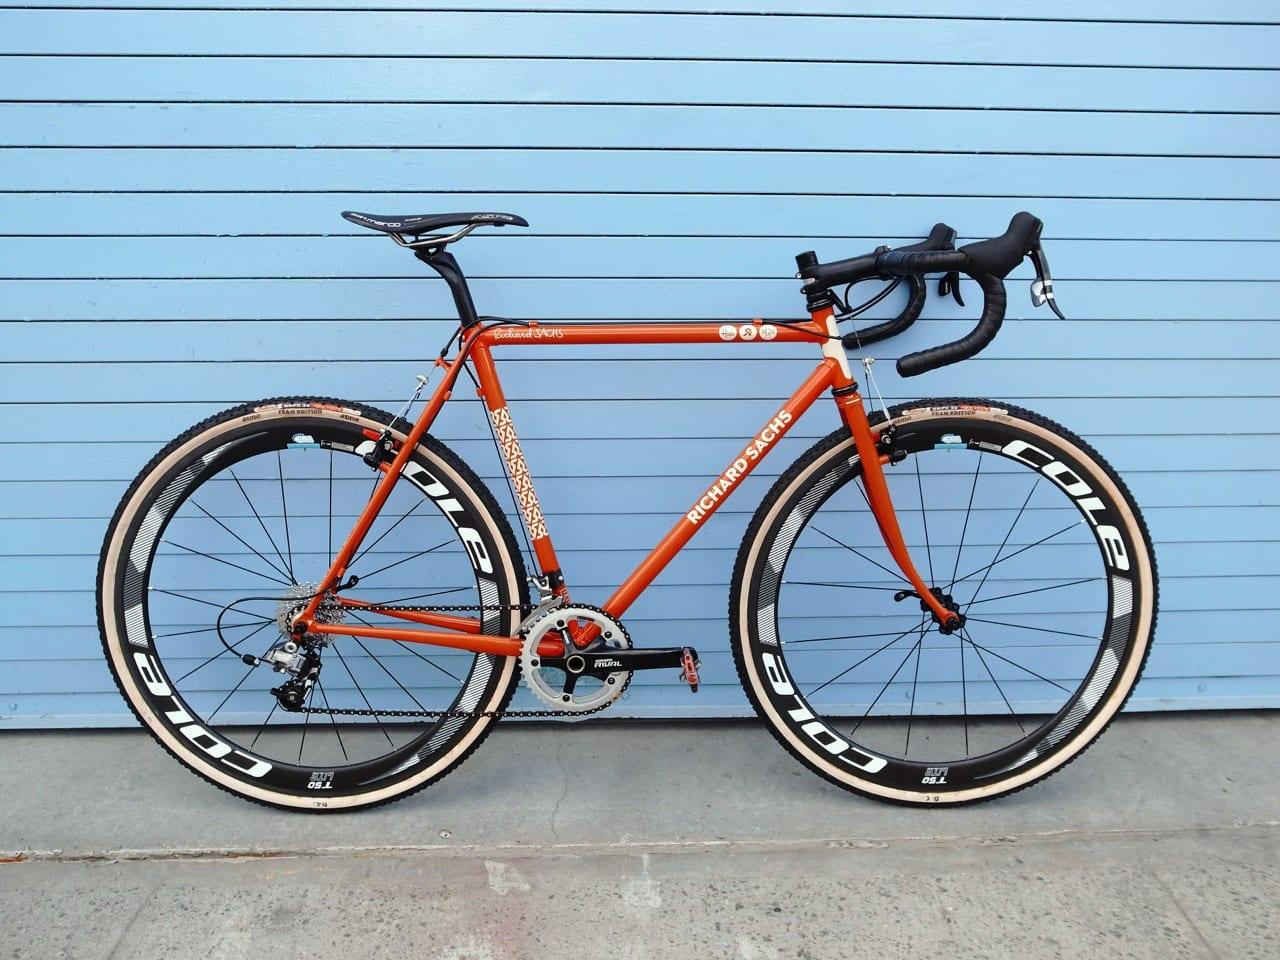 Bikeporn med Canti bremser ©Fundet på nettet af Zdrenka // AltomCykling.dk